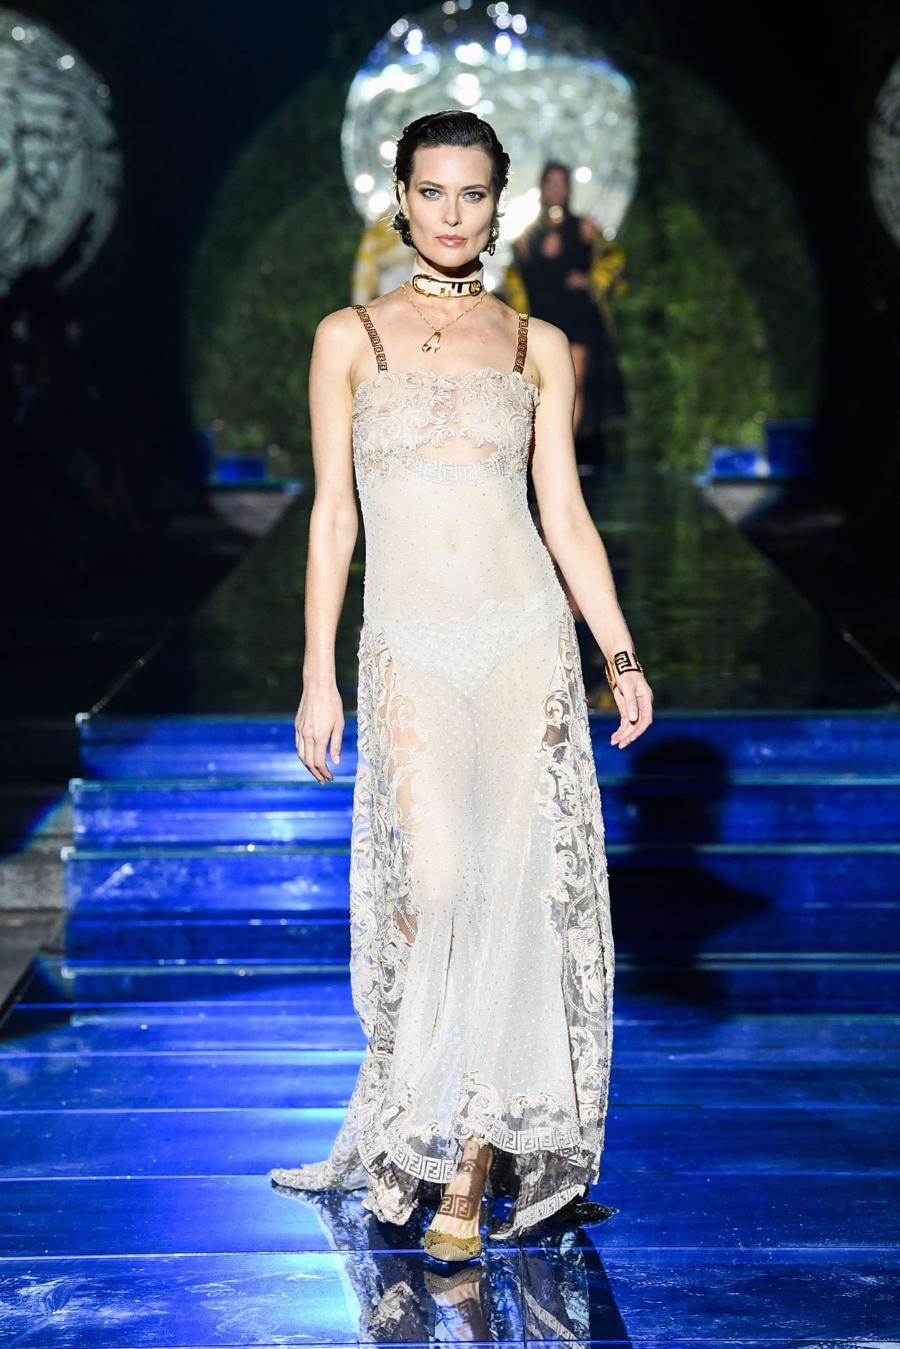 Màn bắt tay lịch sử của hai tập đoàn thời trang xa xỉ đẳng cấp thế giới - Ảnh 11